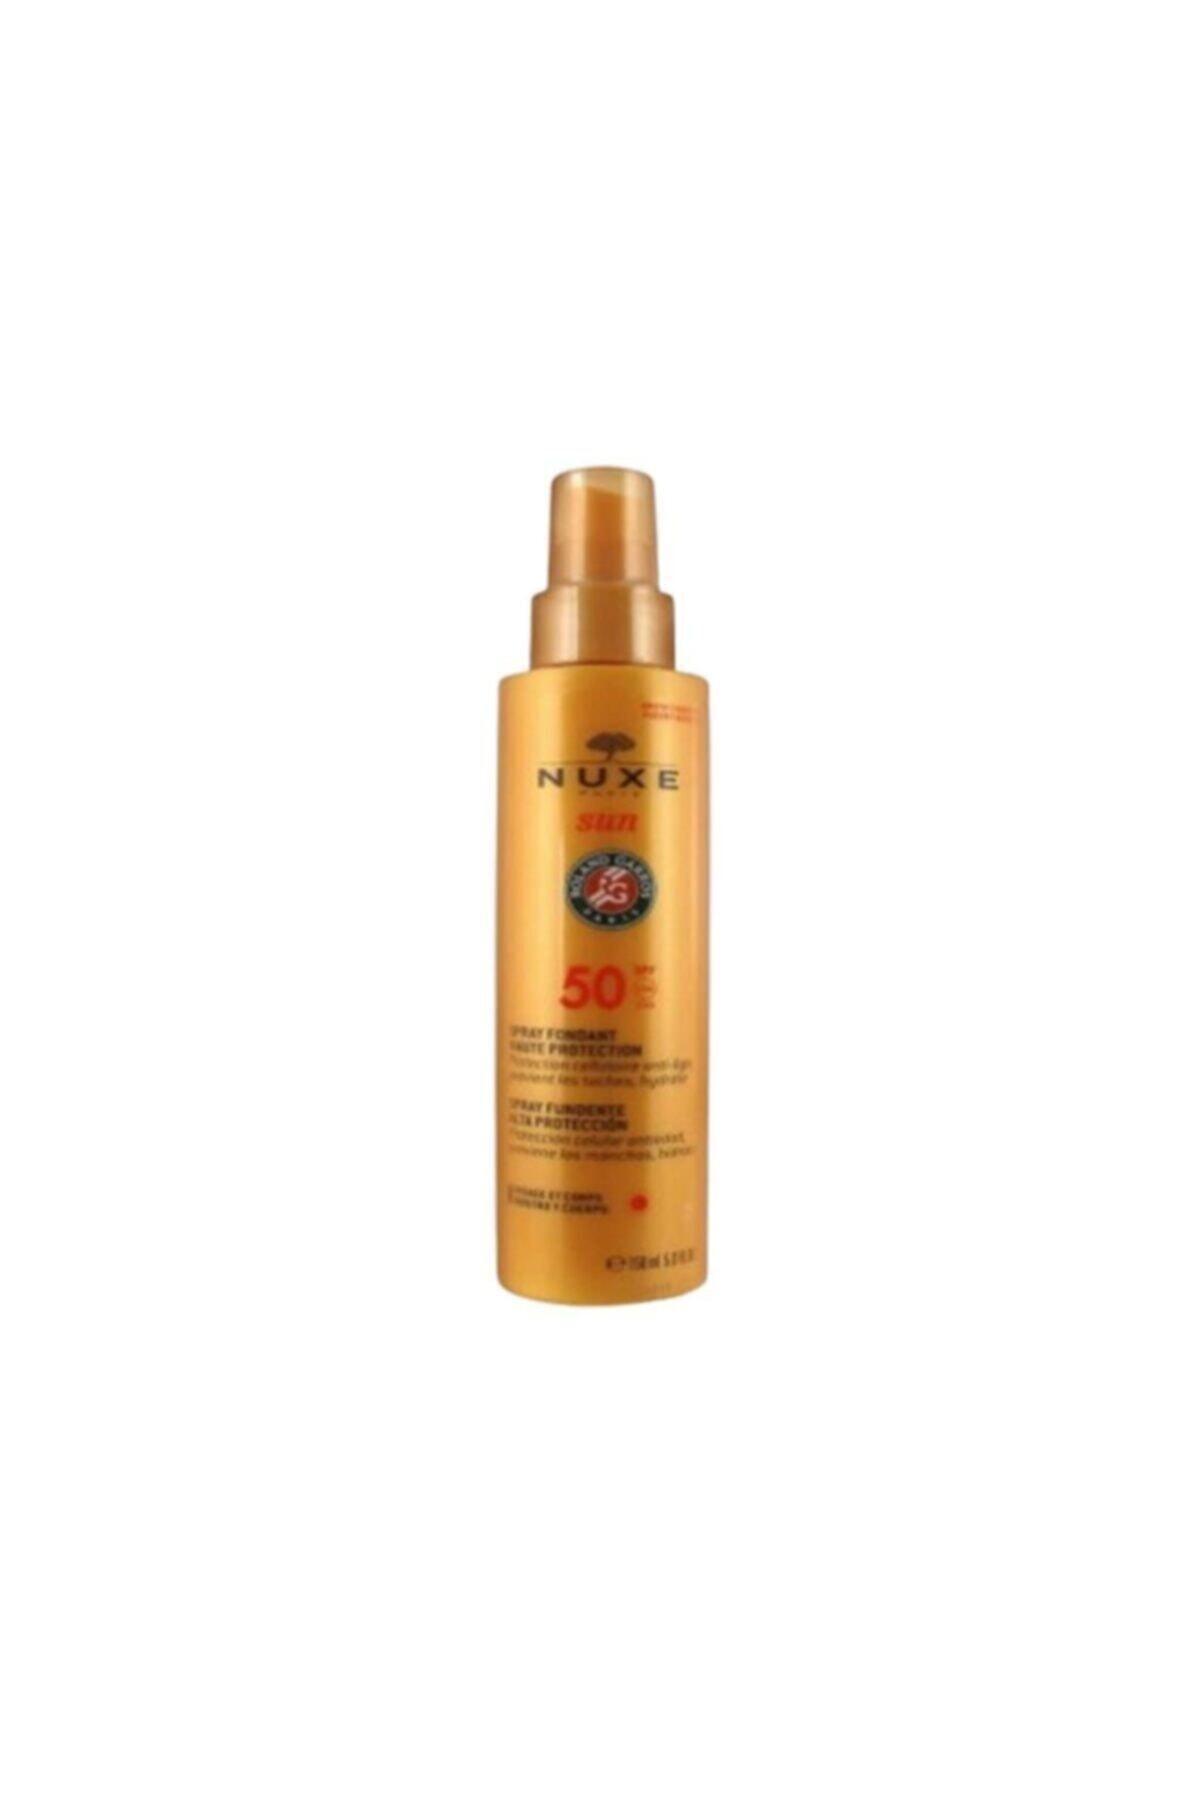 Nuxe Sun Spray Fondant Spf50 150 ml 1